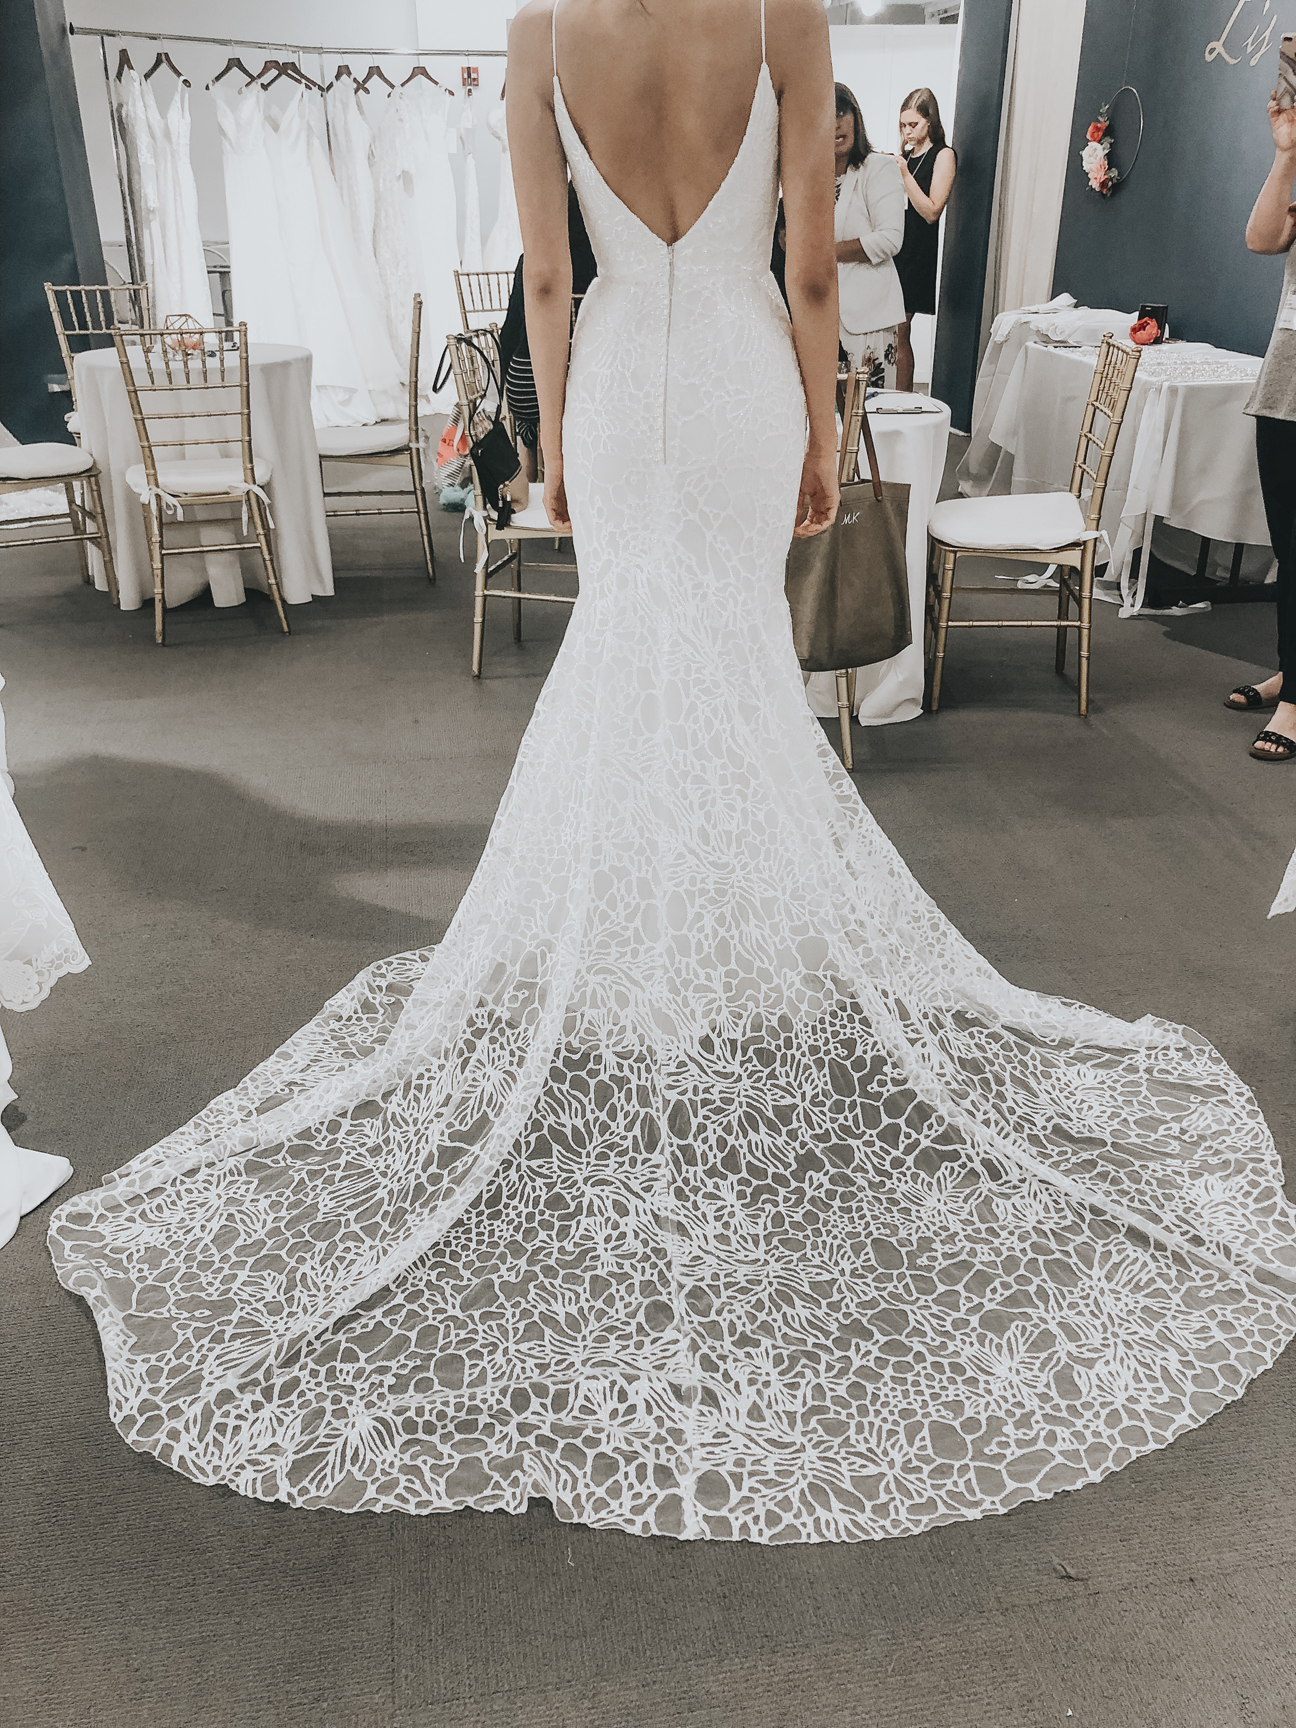 Lis-Simon-2020-Market-wedding-dress-couture-closet-train-sparkle.jpg